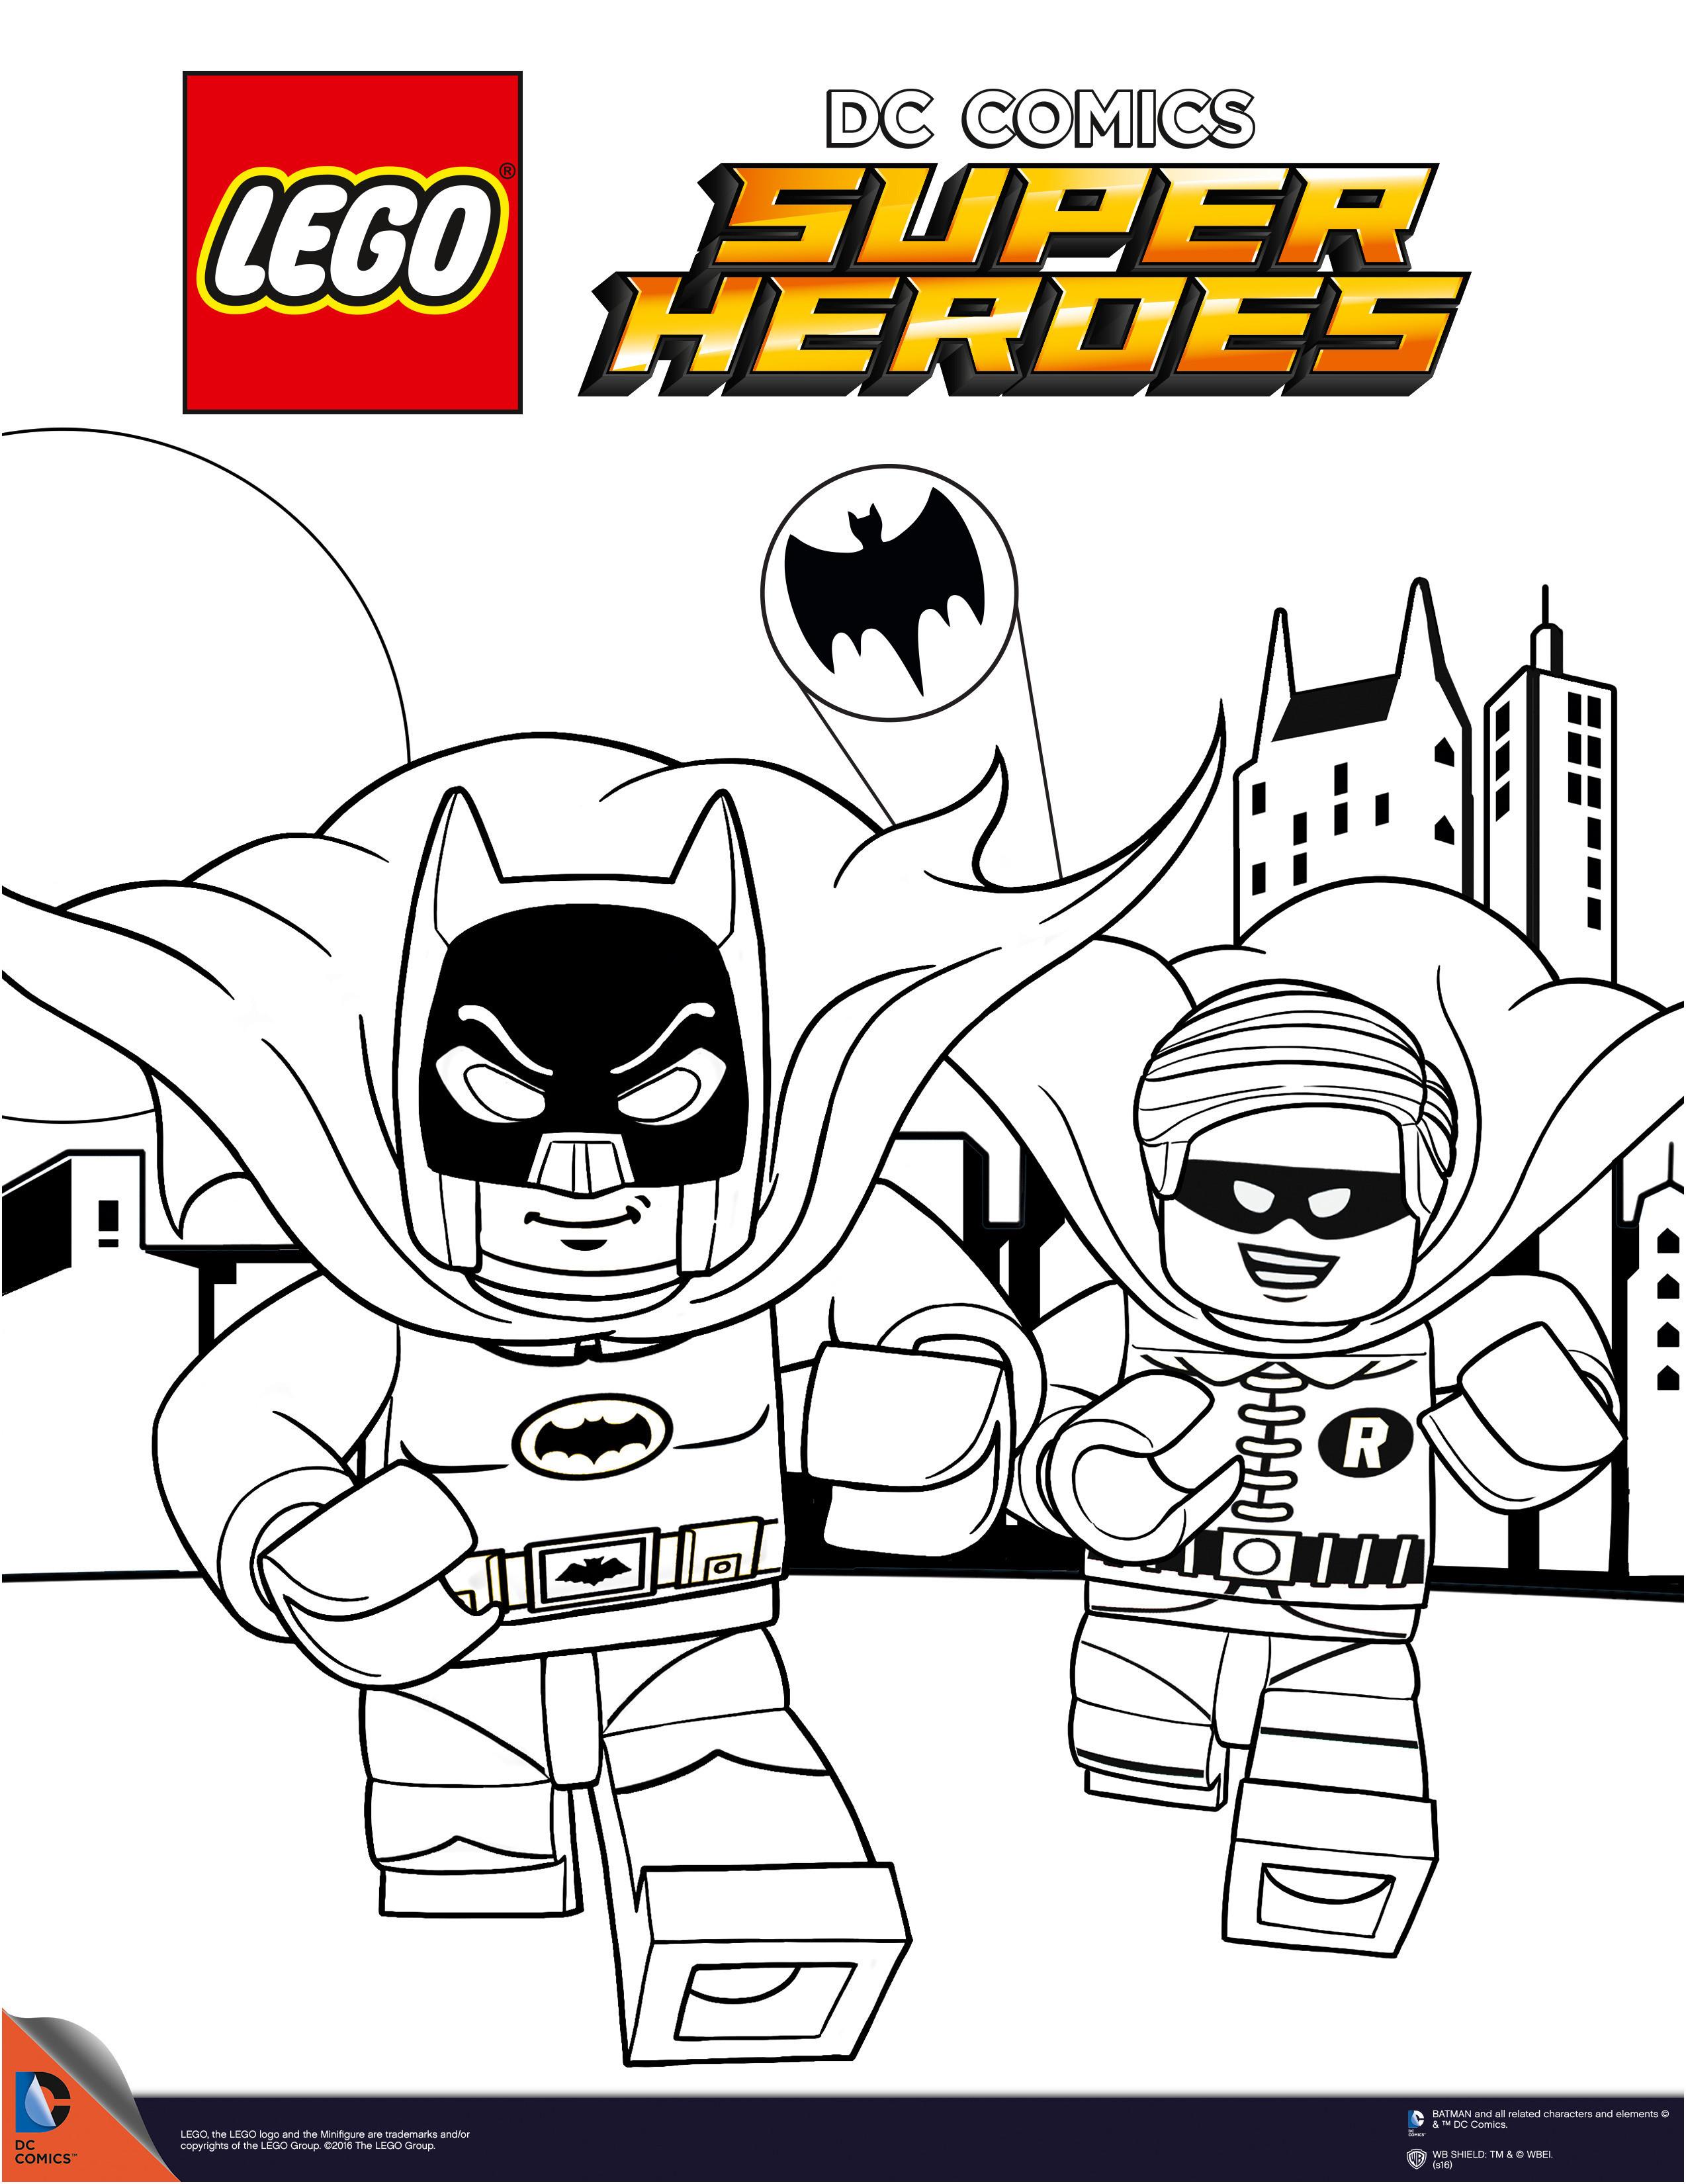 Ausmalbilder Batman Lego Inspirierend 32 Beste Von Ausmalbild Batman – Große Coloring Page Sammlung Sammlung